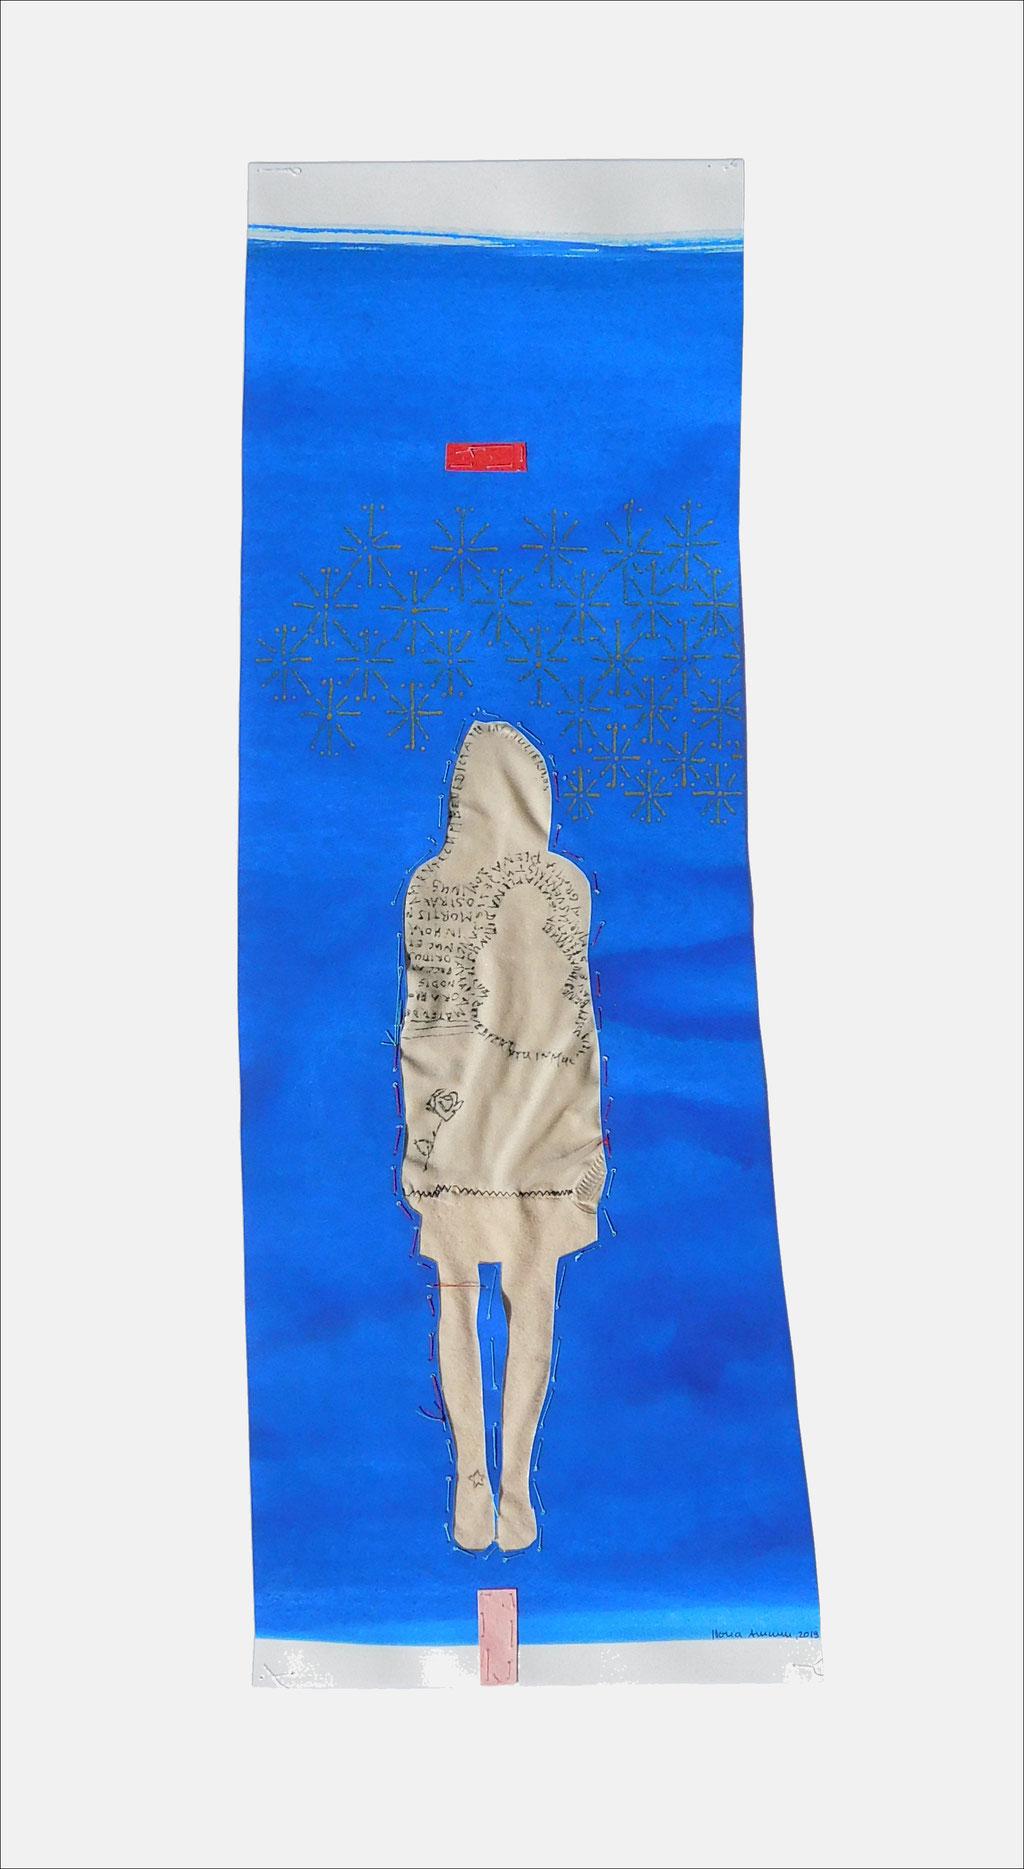 """aus der Serie """"die weinende Mutter"""", 2019, Technik: Papierarbeit, Collage, Stickerei, Größe: 62 cm x 42 cm, in Privatbesitz"""